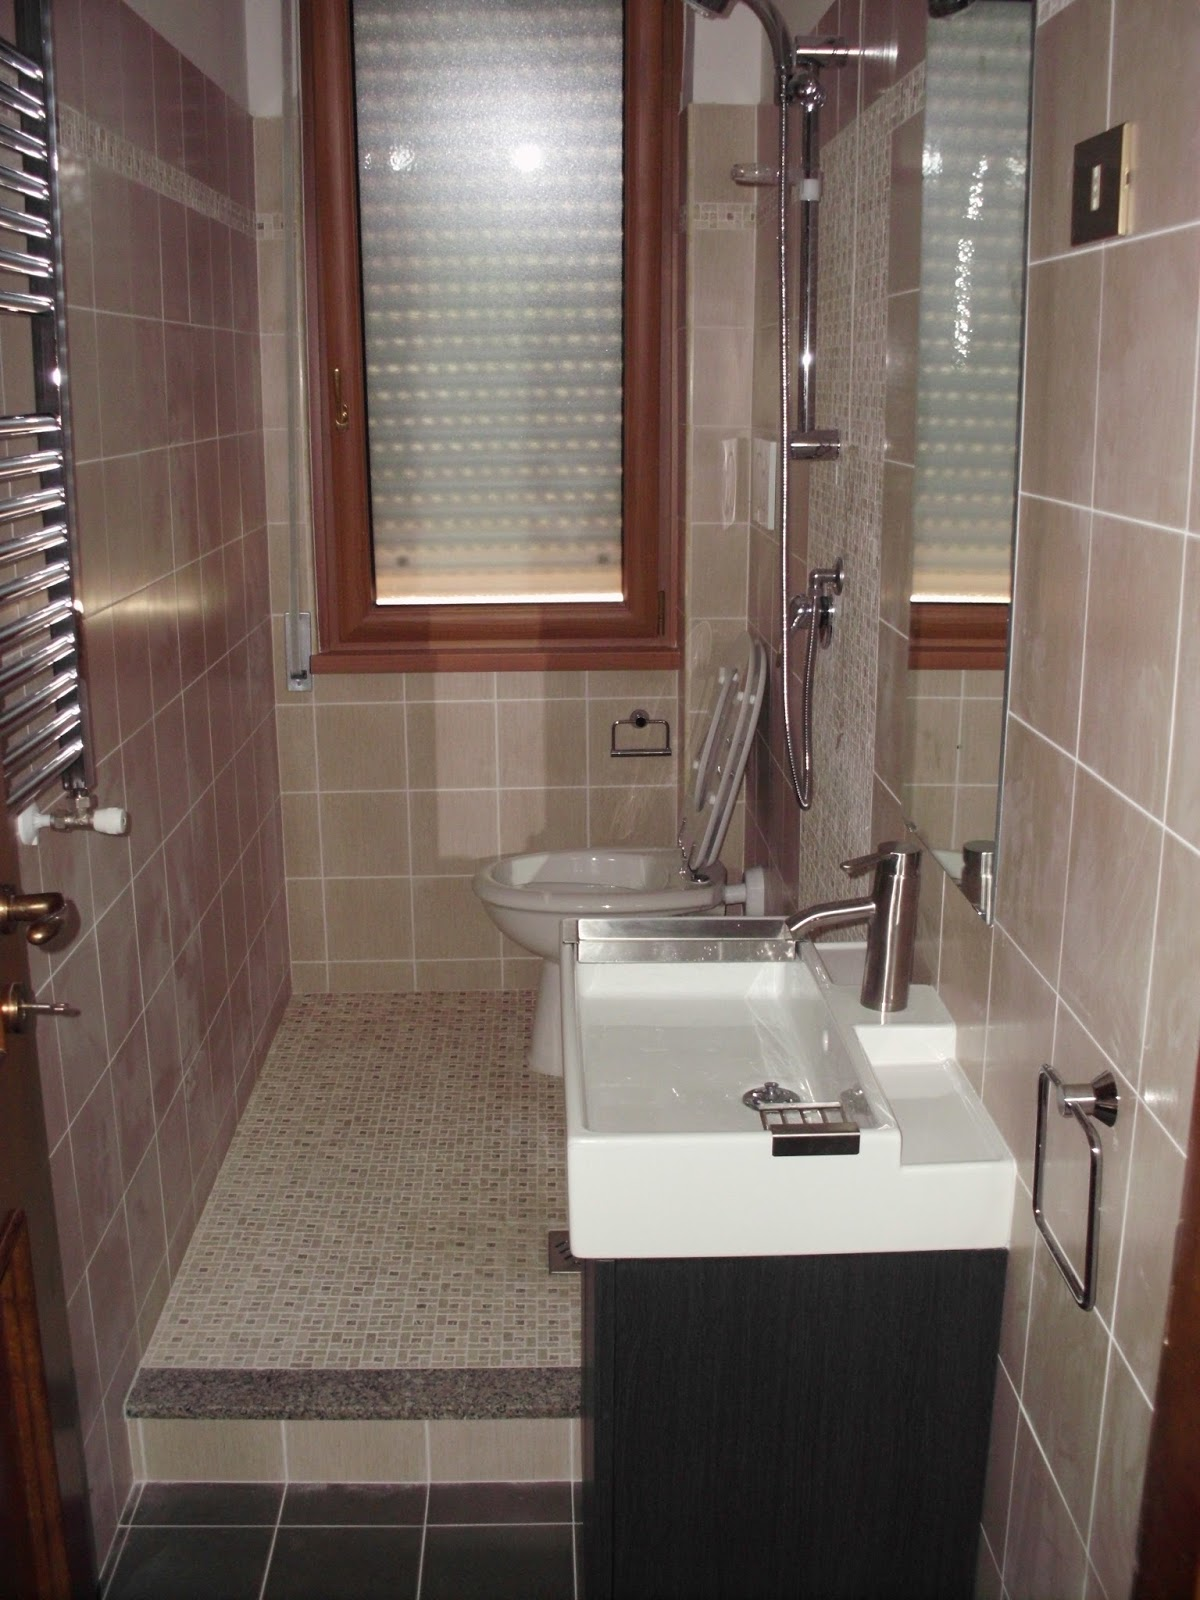 Bagno Con Piatto Doccia : Bagno con doccia in muratura bagni piatto